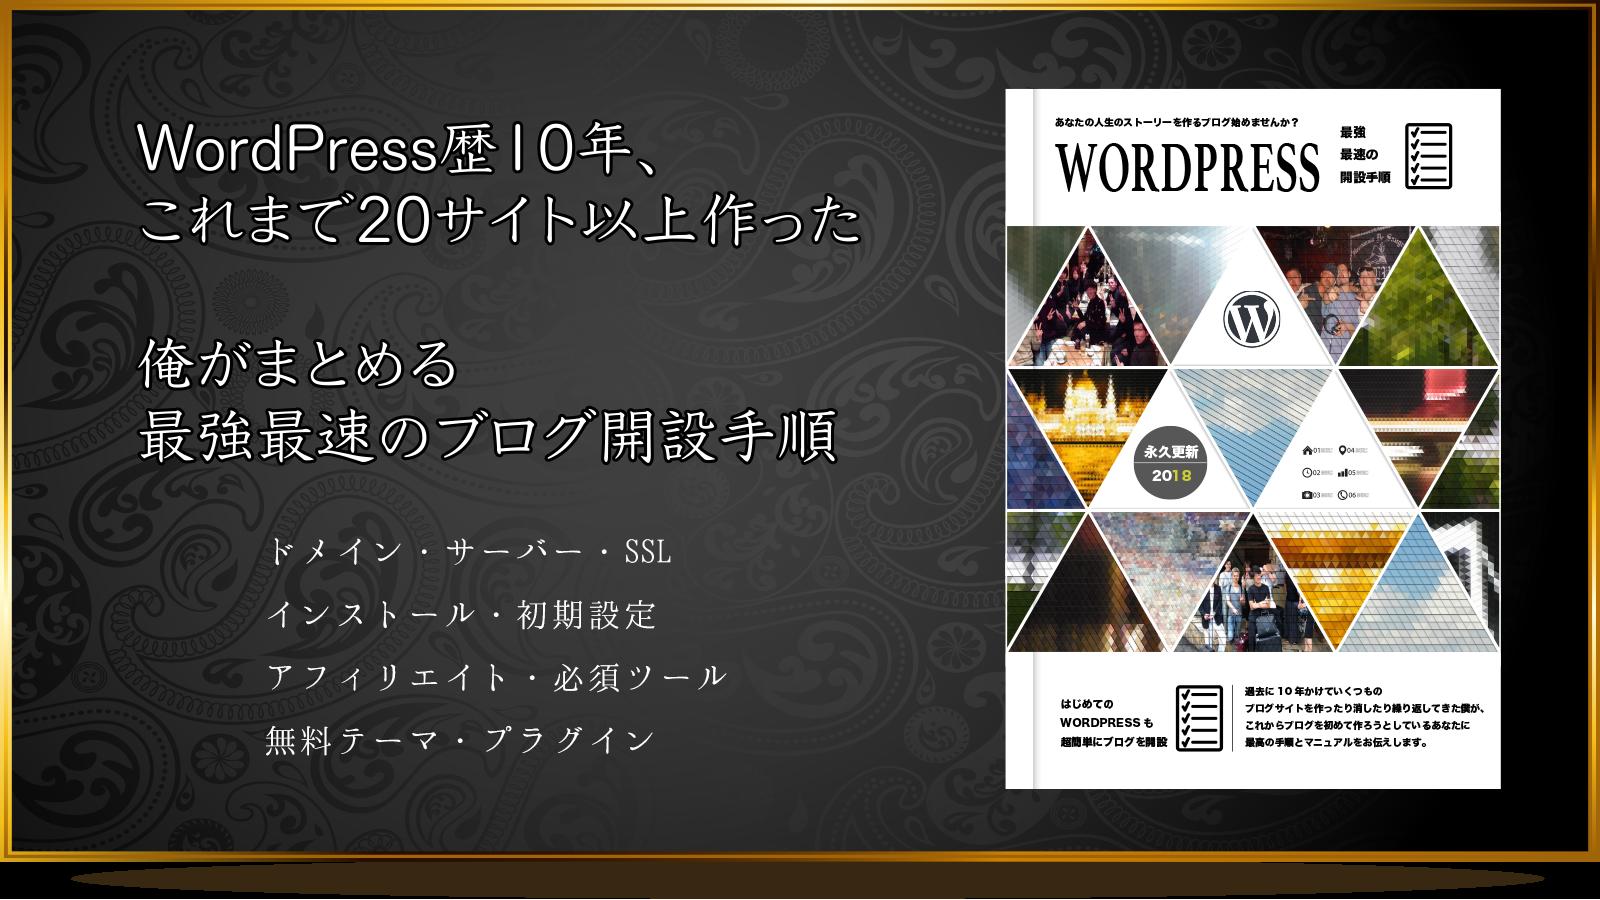 WordPress歴10年、これまで20サイト以上作った俺がまとめる最強最速のブログ開設手順